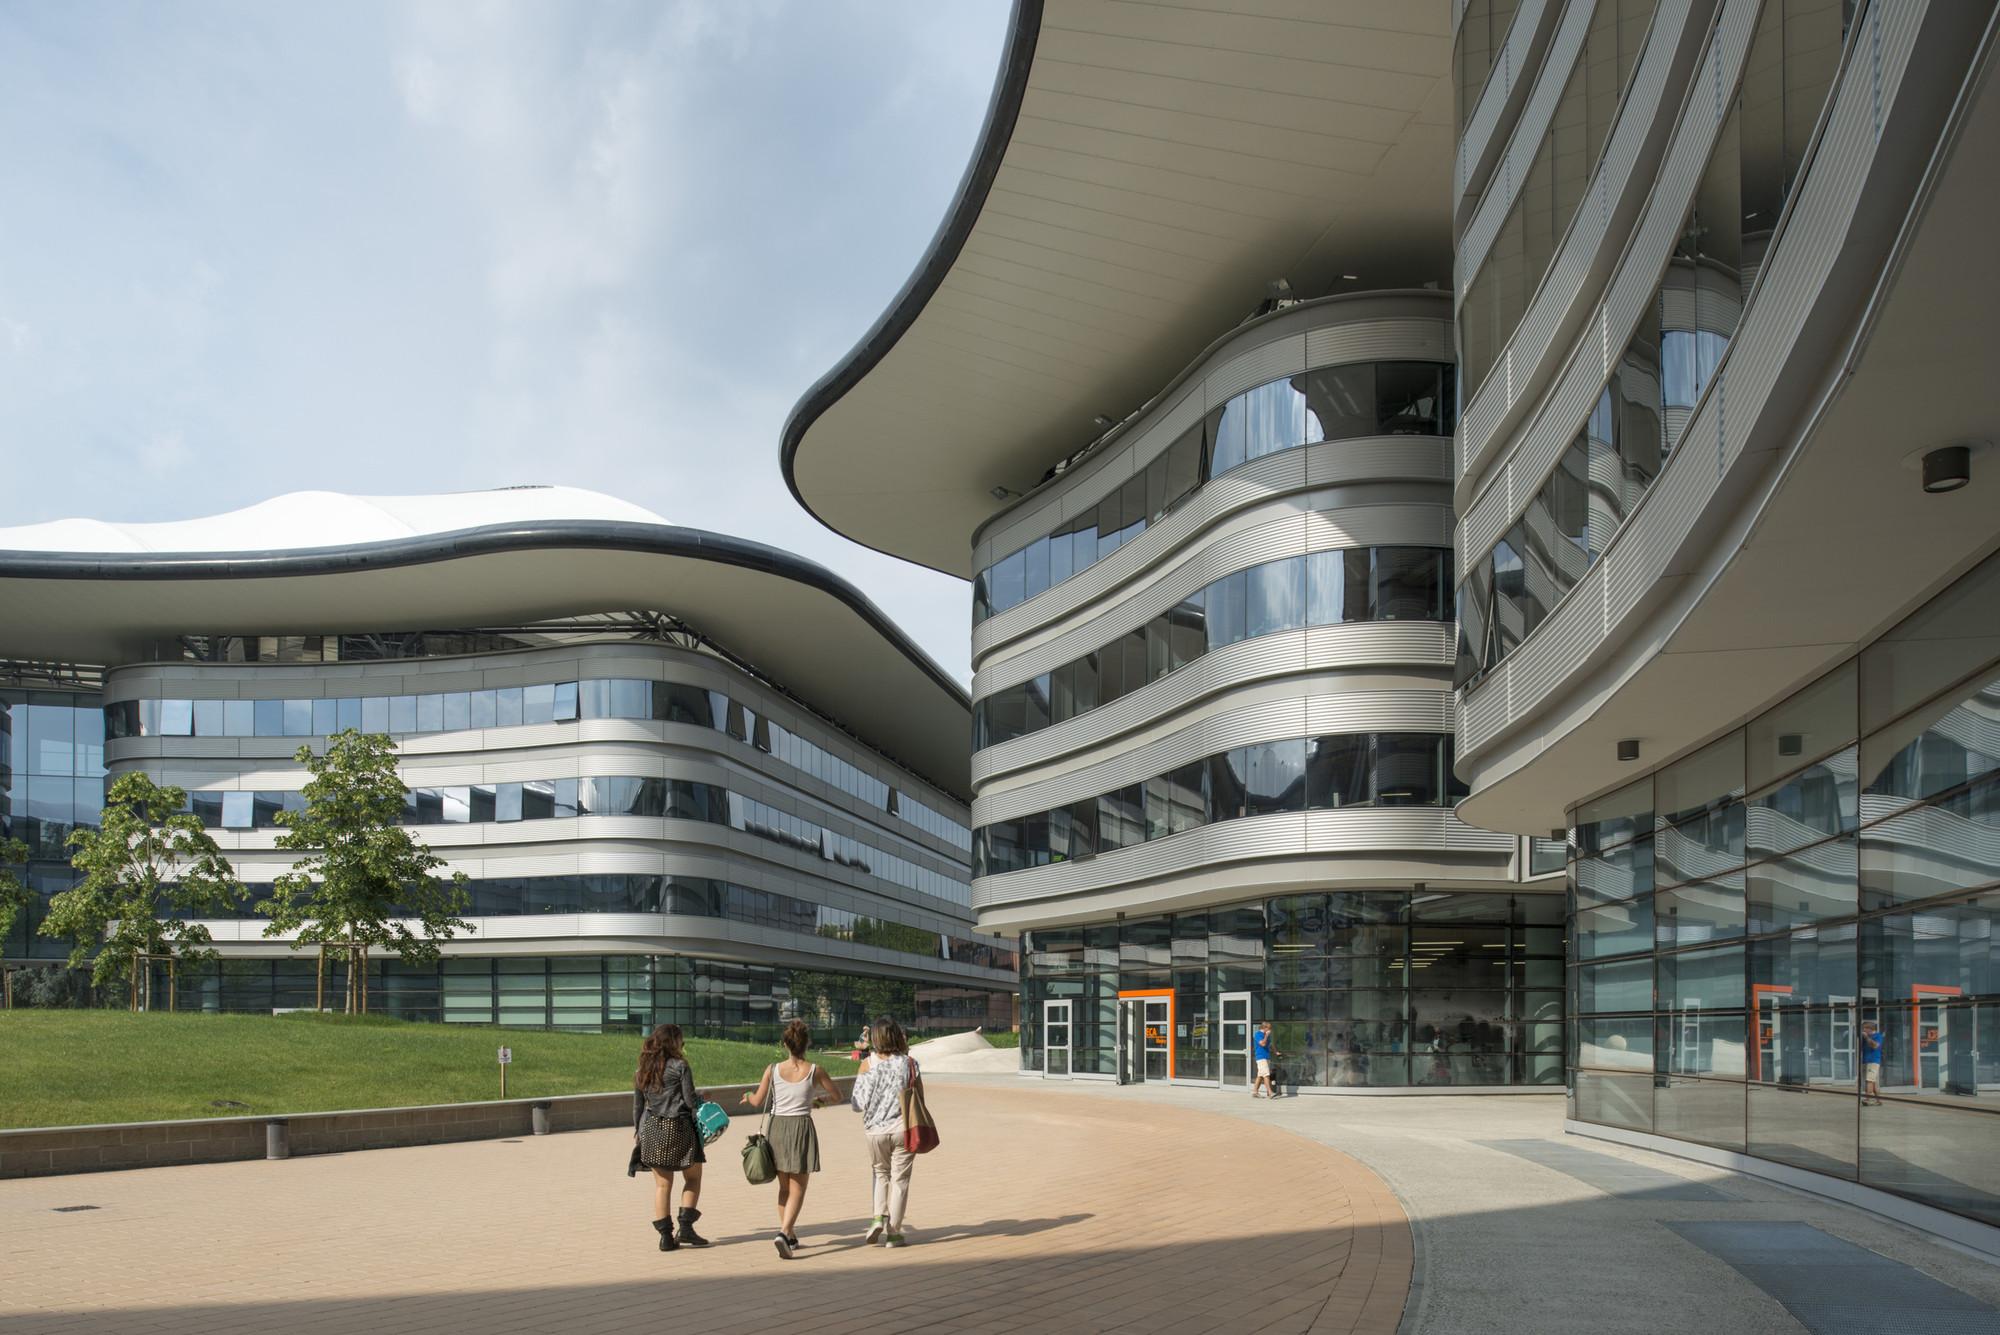 Campus Luigi Einaudi / Foster + Partners